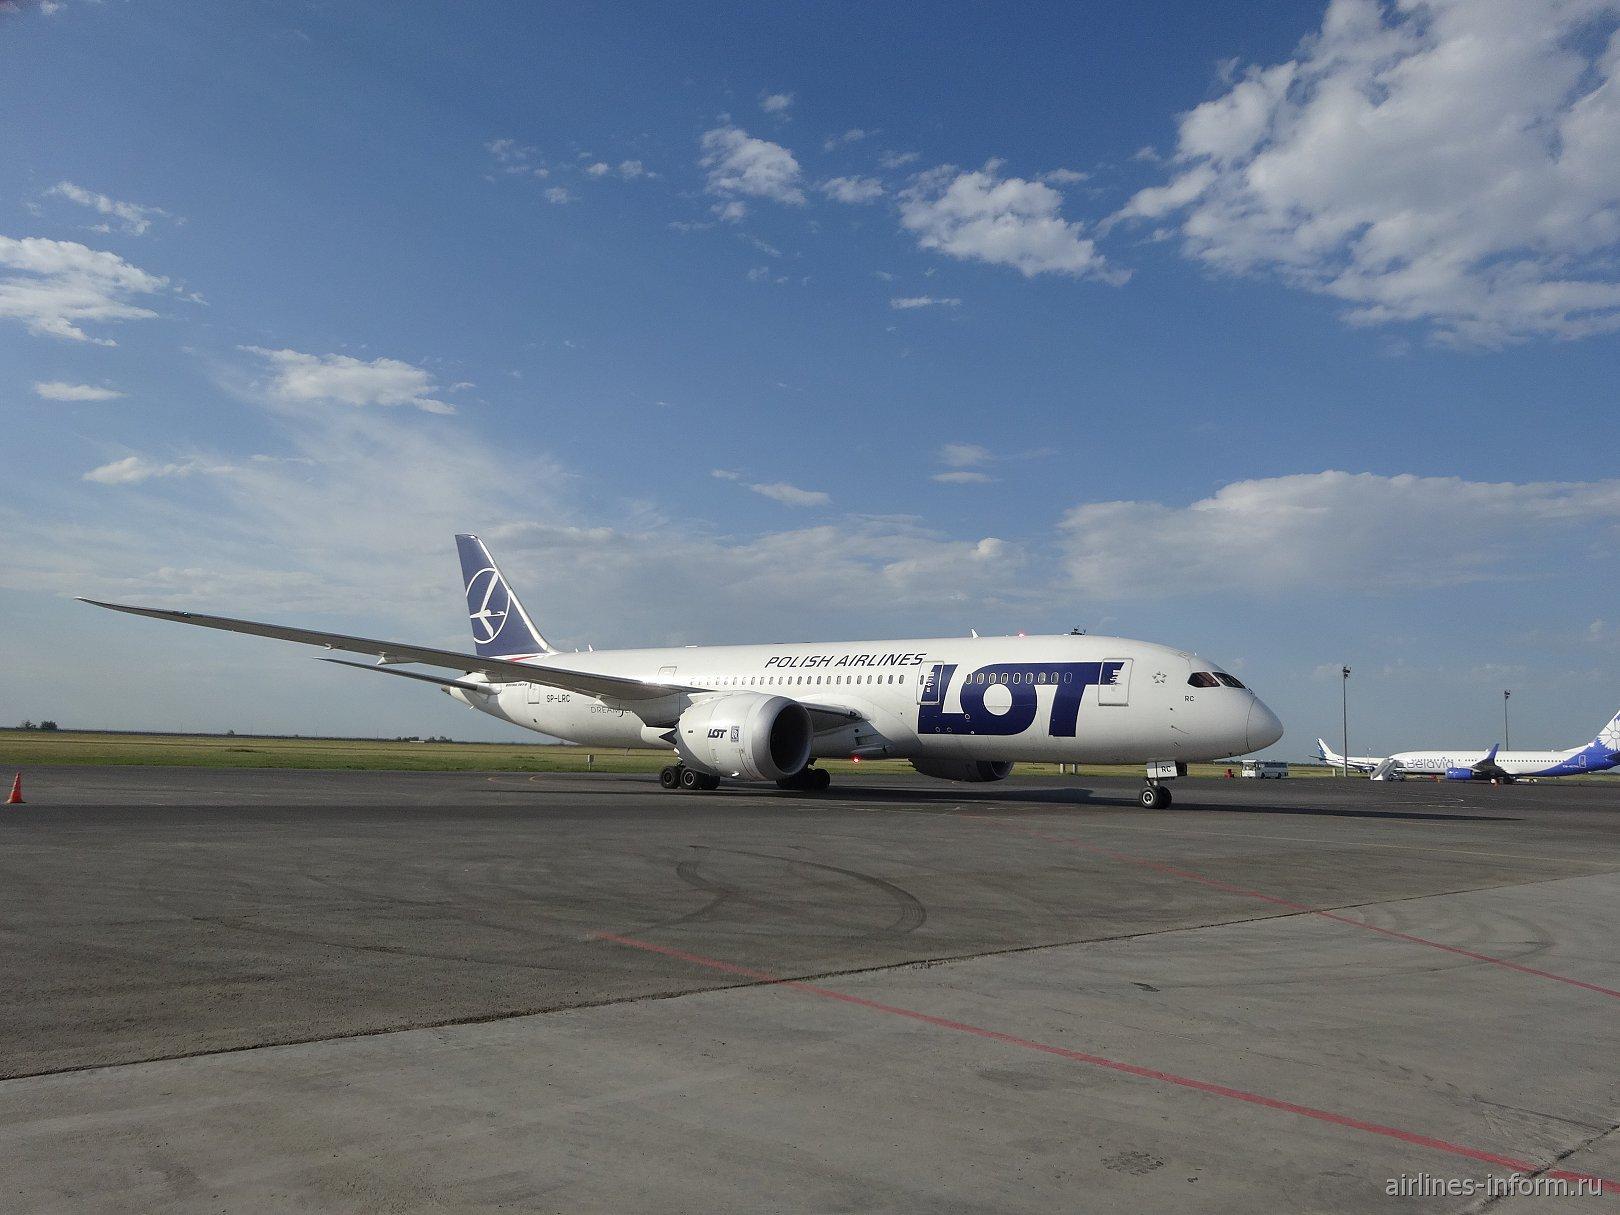 Боинг-787-8 SP-LRC авиакомпании LOT в аэропорту Астаны